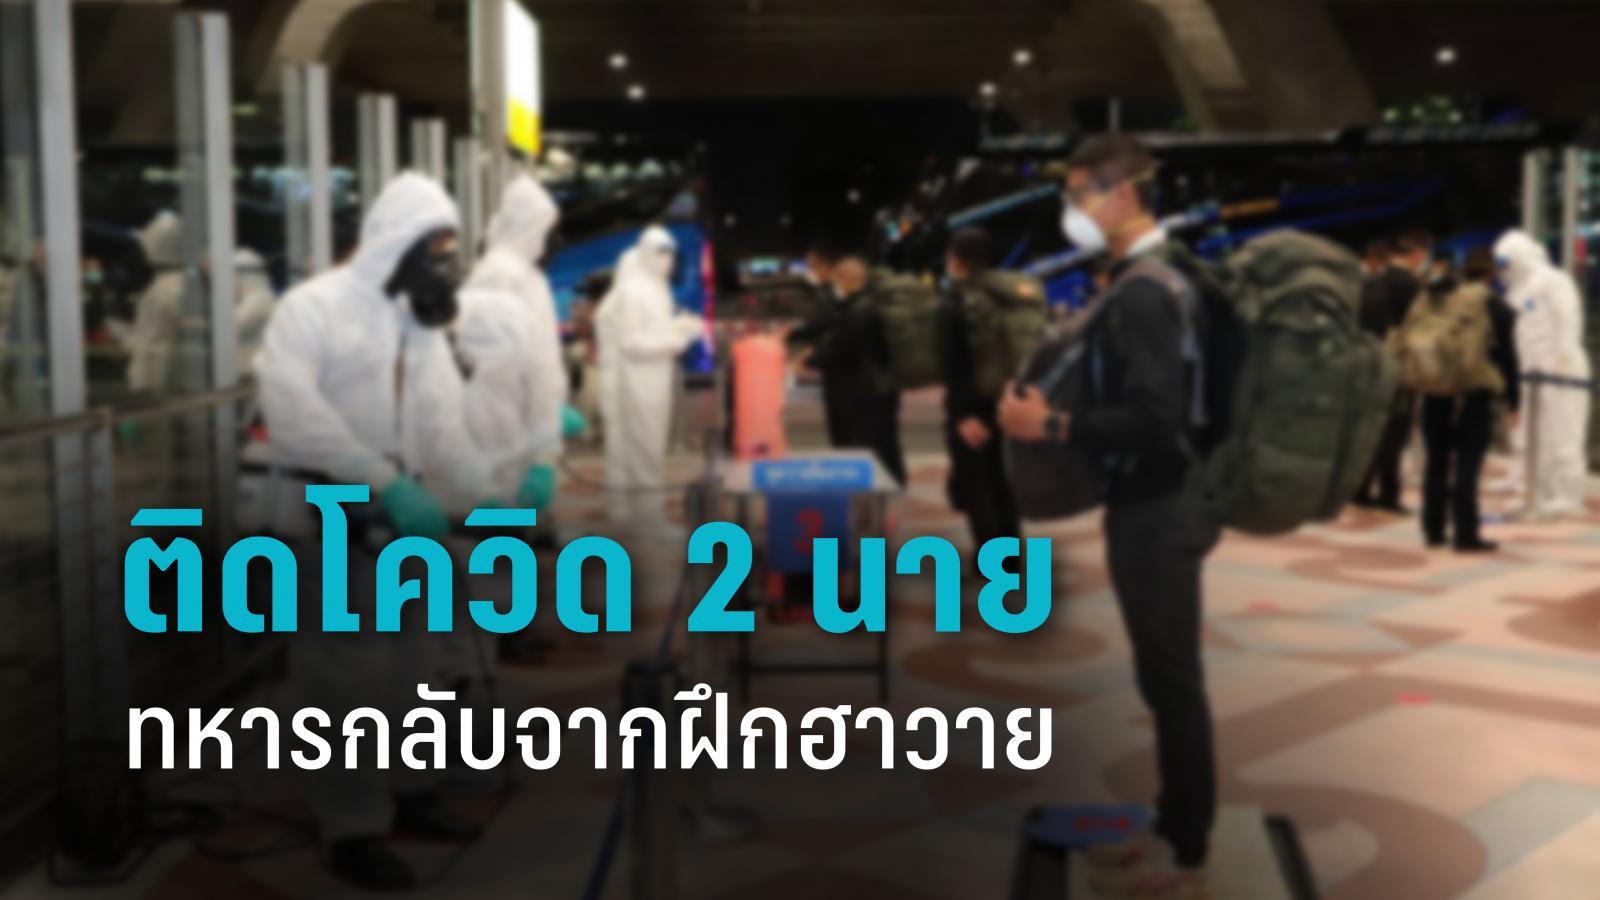 พบทหารไทย 2 นายติดเชื้อโควิด-19 หลังกลับจากฝึกที่ฮาวาย